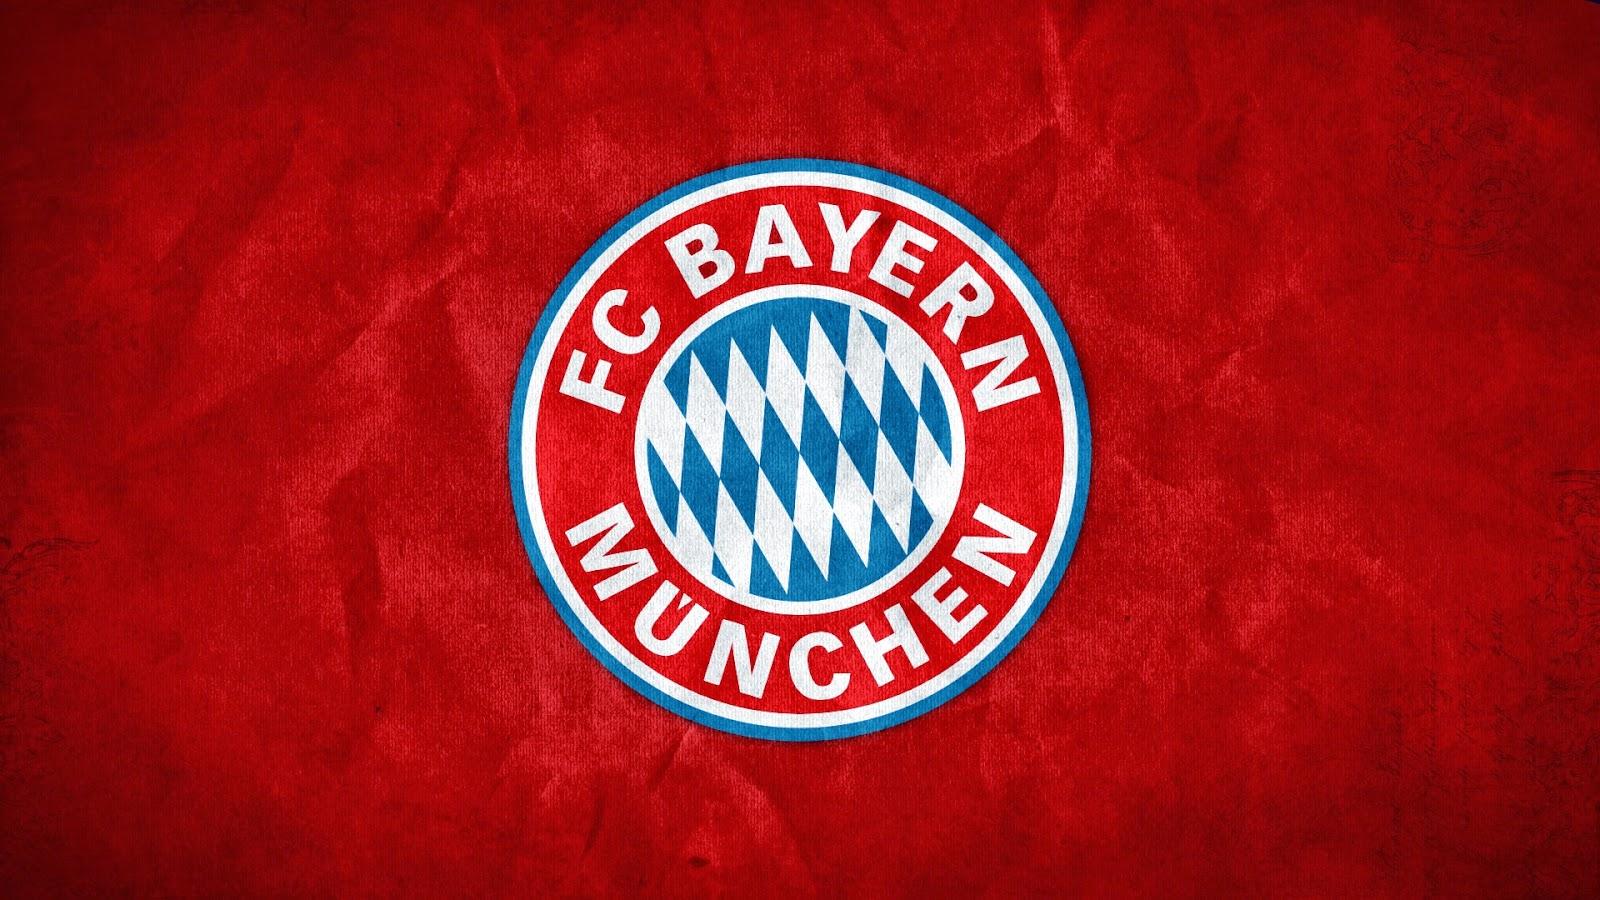 HD Bayern Munchen Logo Wallpaper